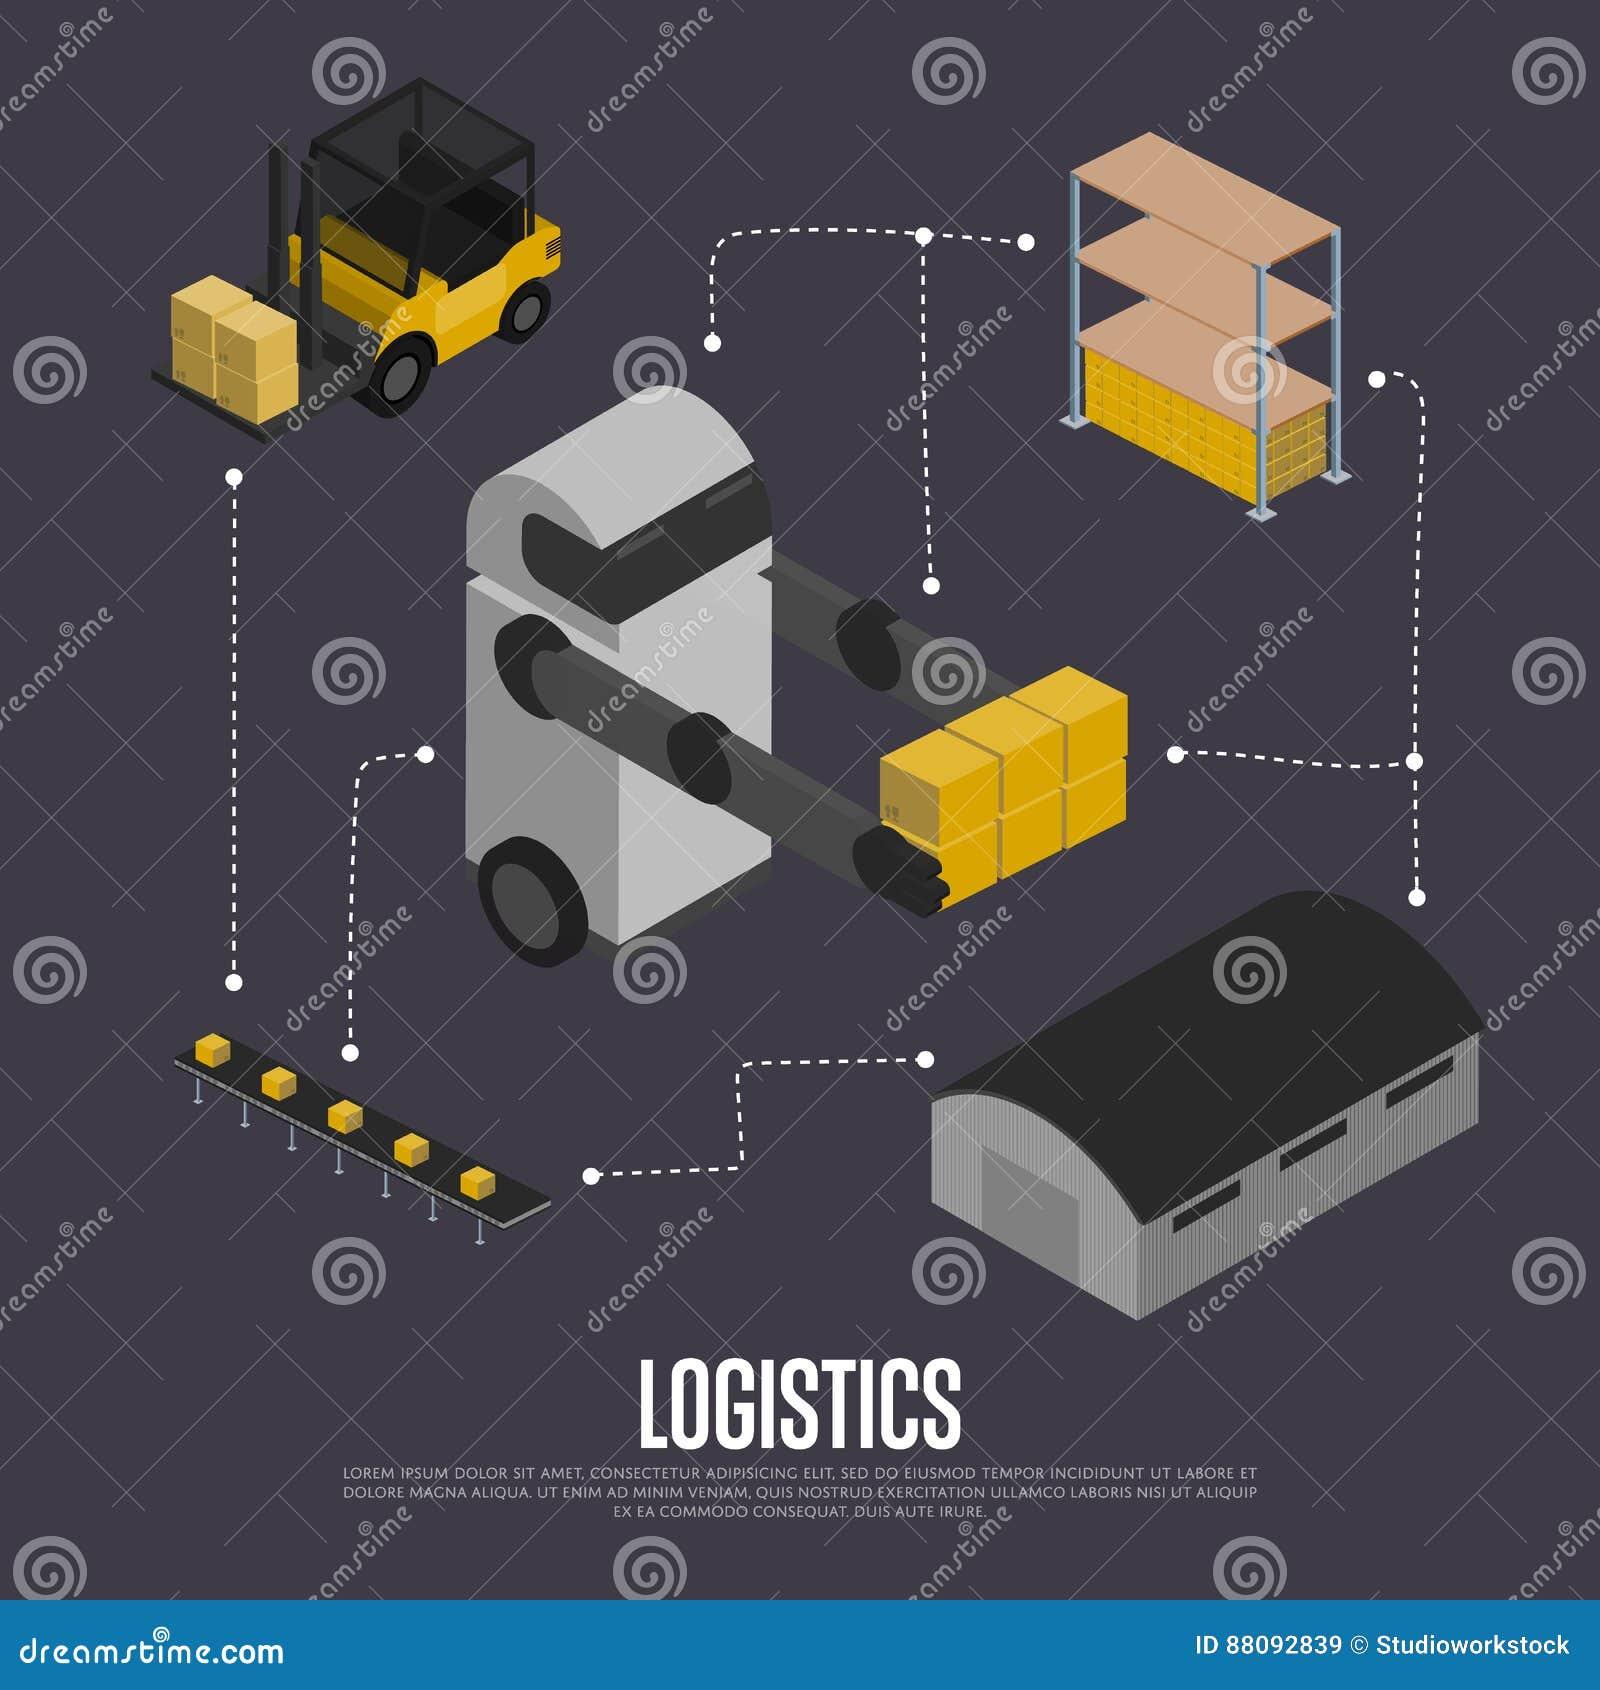 Shipment logistics isometric flowchart